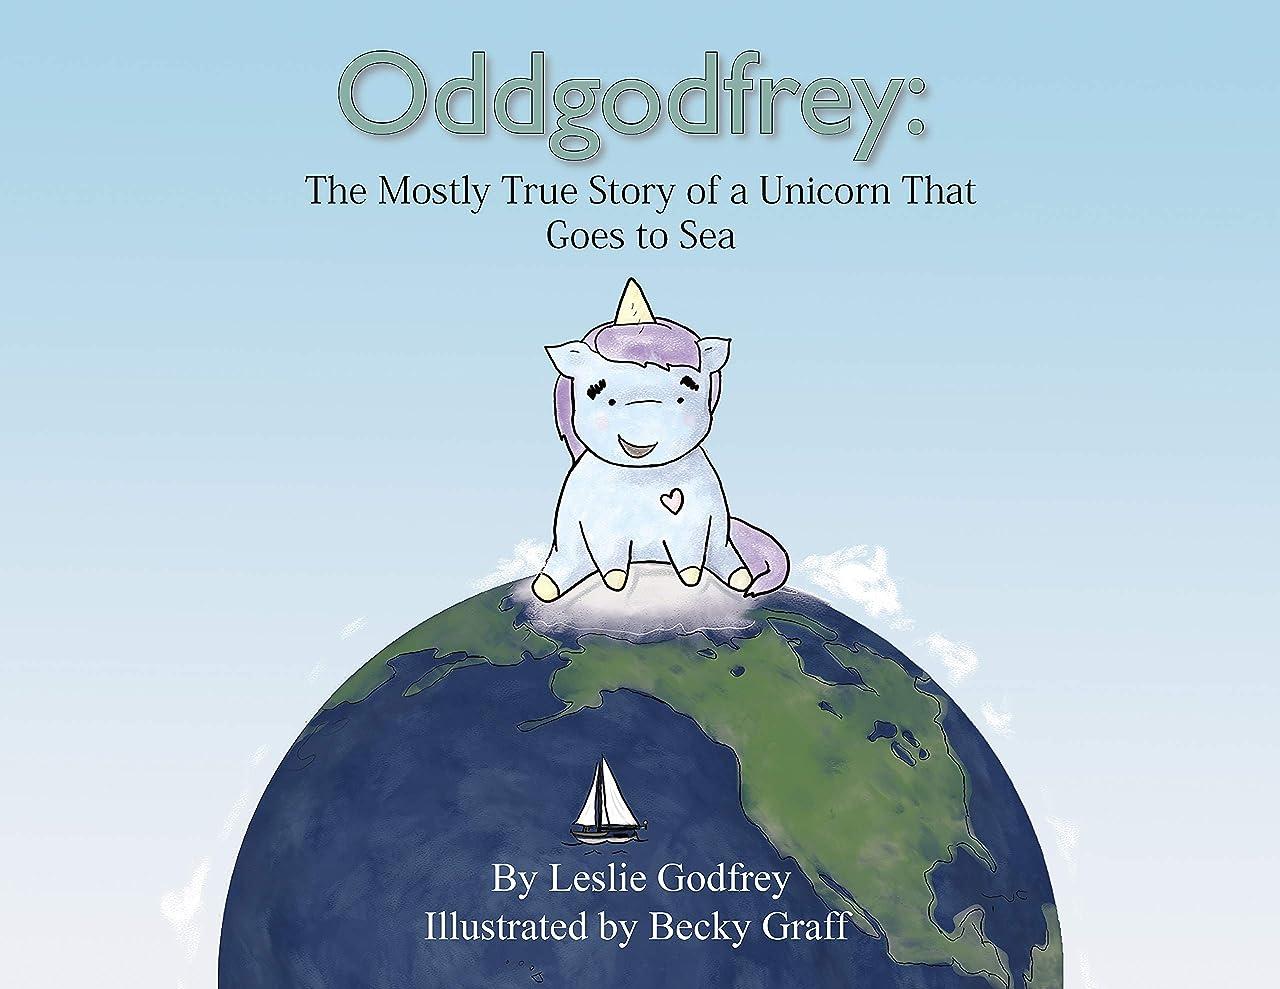 税金名前あからさまOddgodfrey: The Mostly True Story of a Unicorn That Goes to Sea (Oddgodfrey Early Readers' Adventures Book 1) (English Edition)